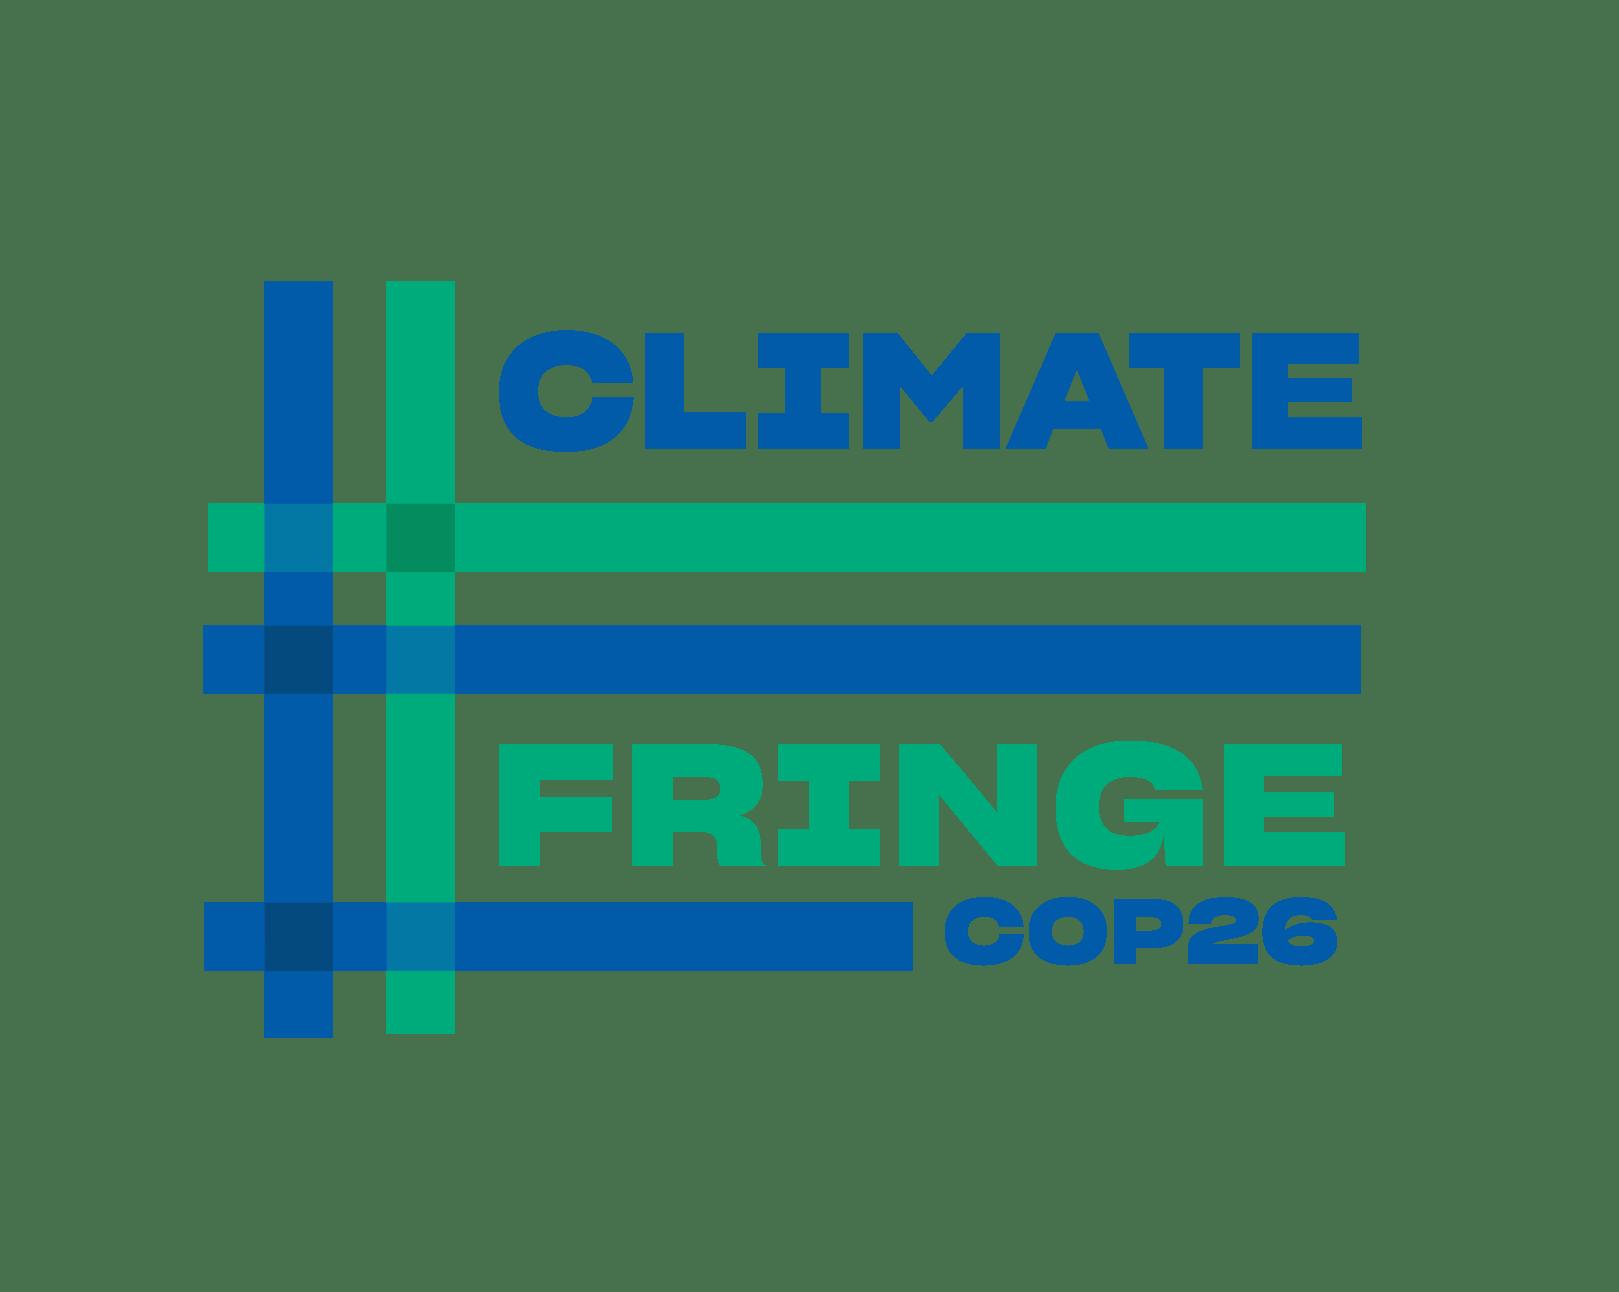 Climate Fringe